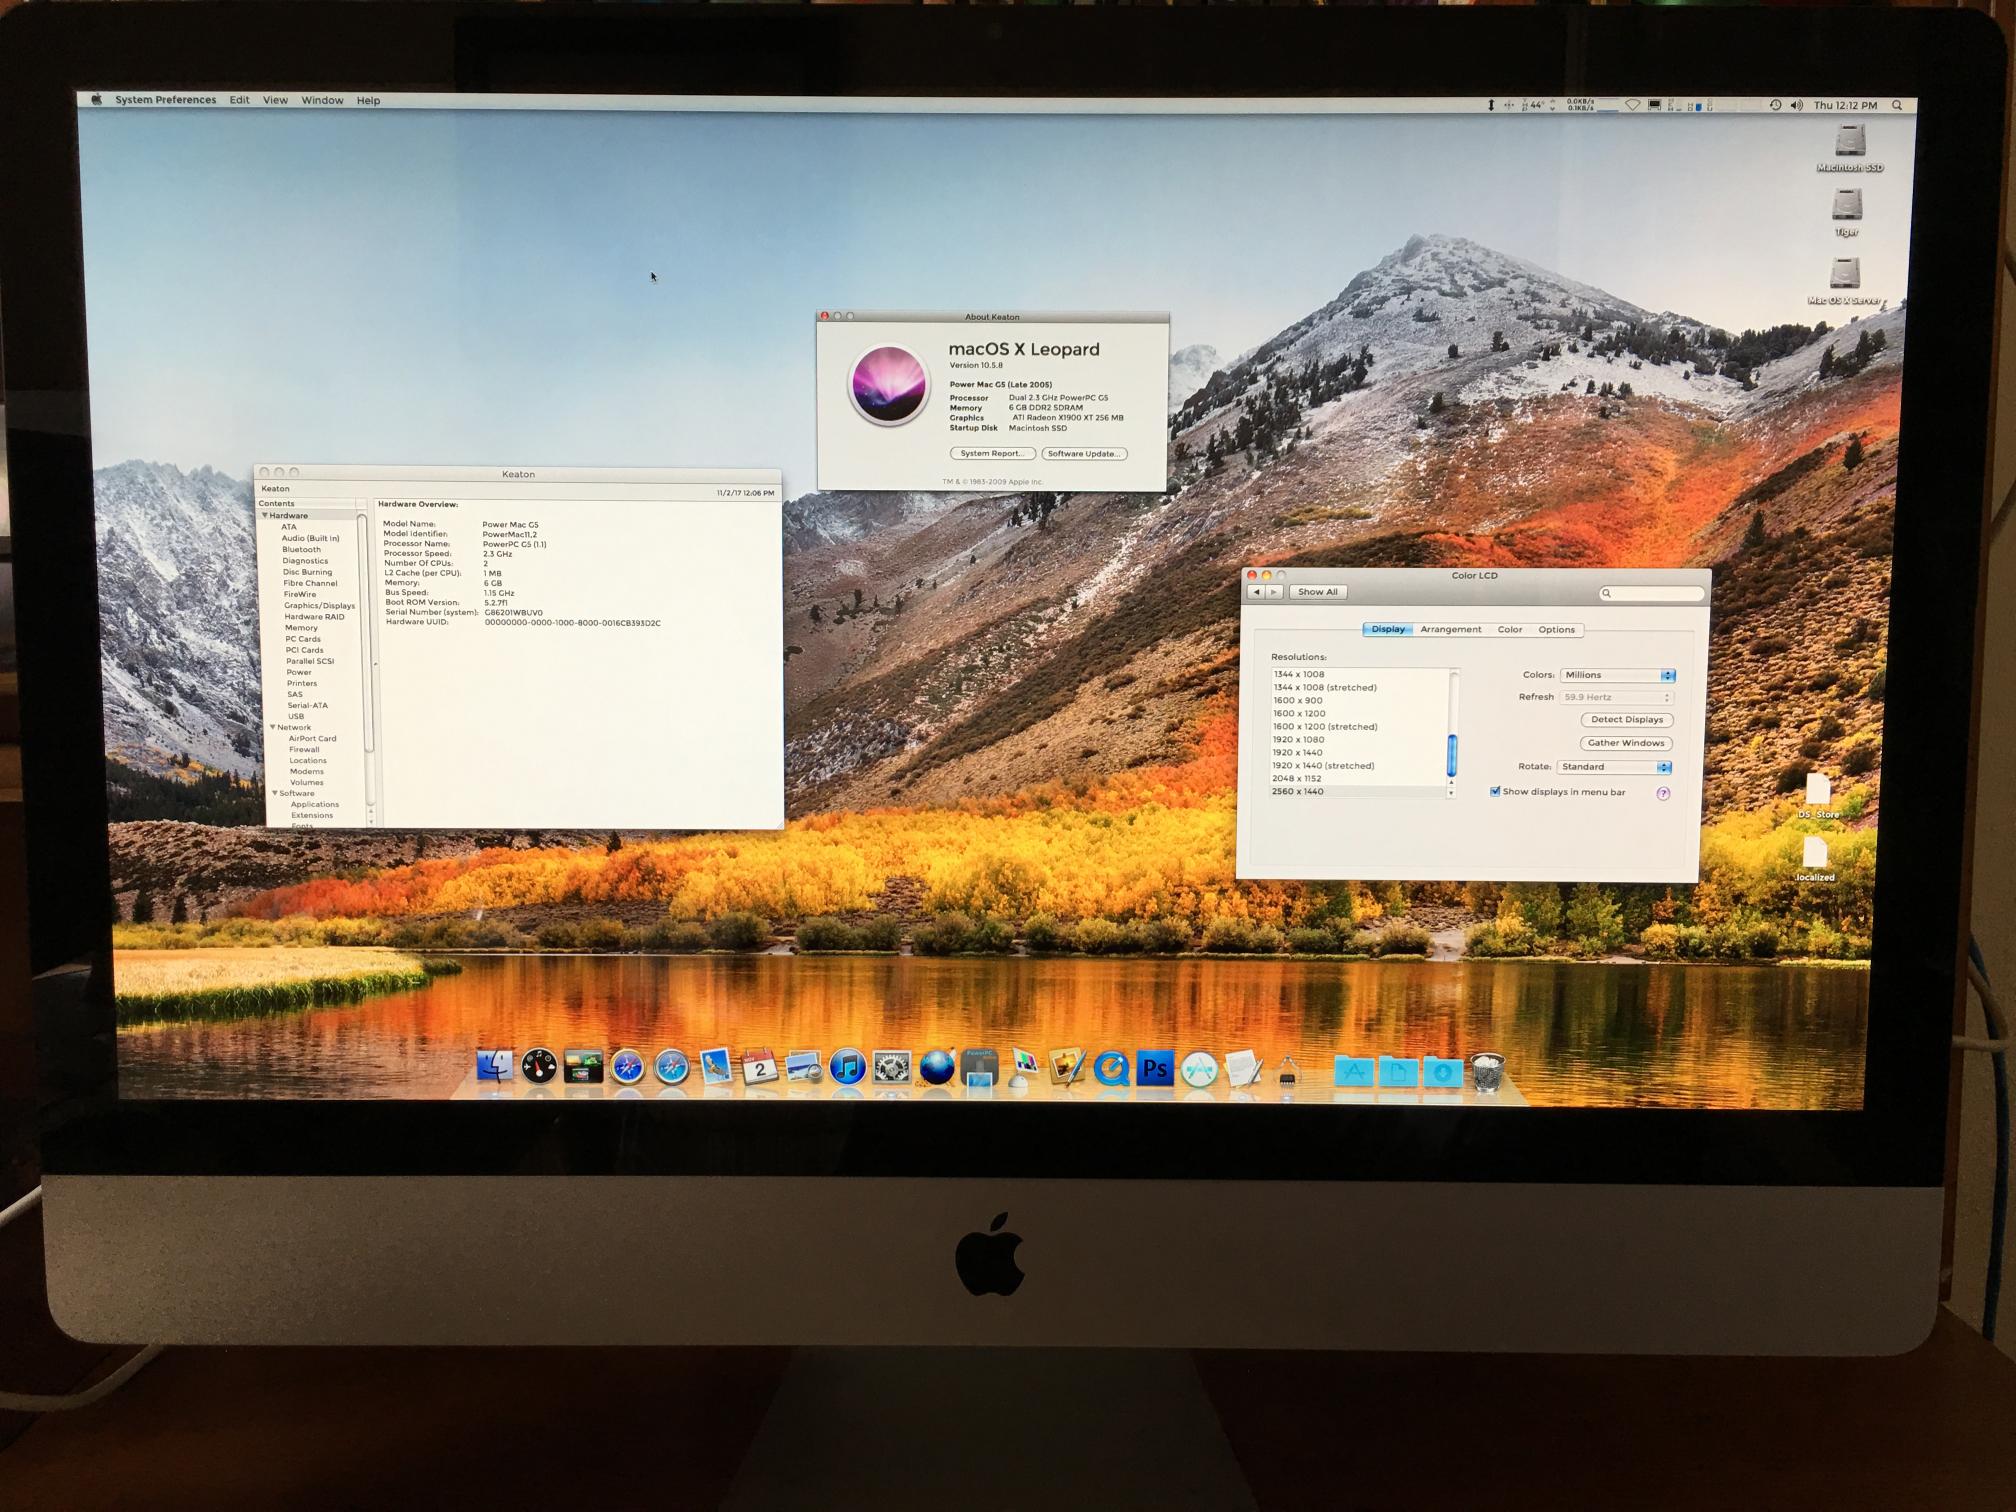 Leopard-on-2010-iMac.jpg